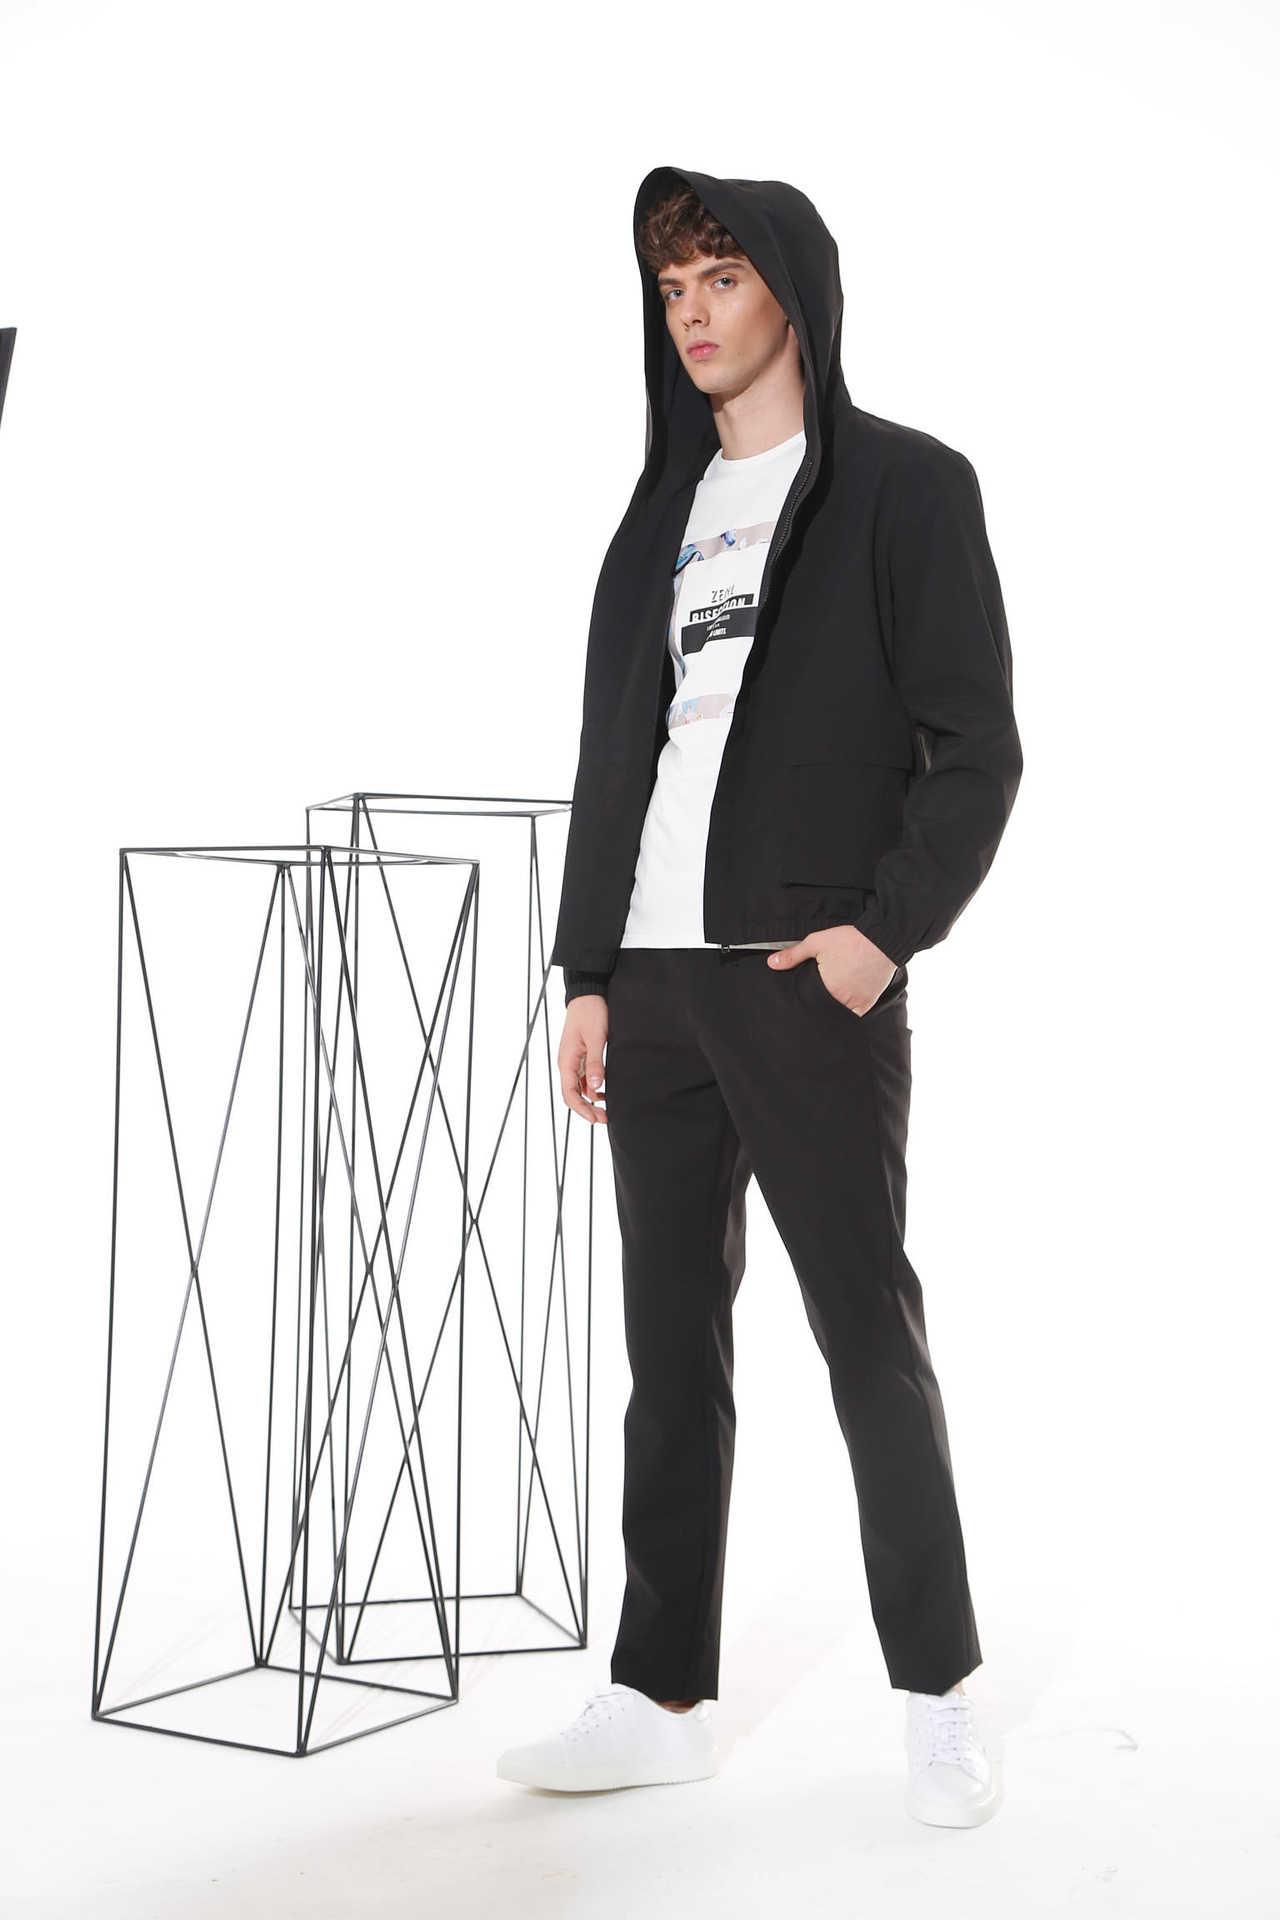 佐纳利品牌服装代理条件 ZENL品牌服装代理资讯